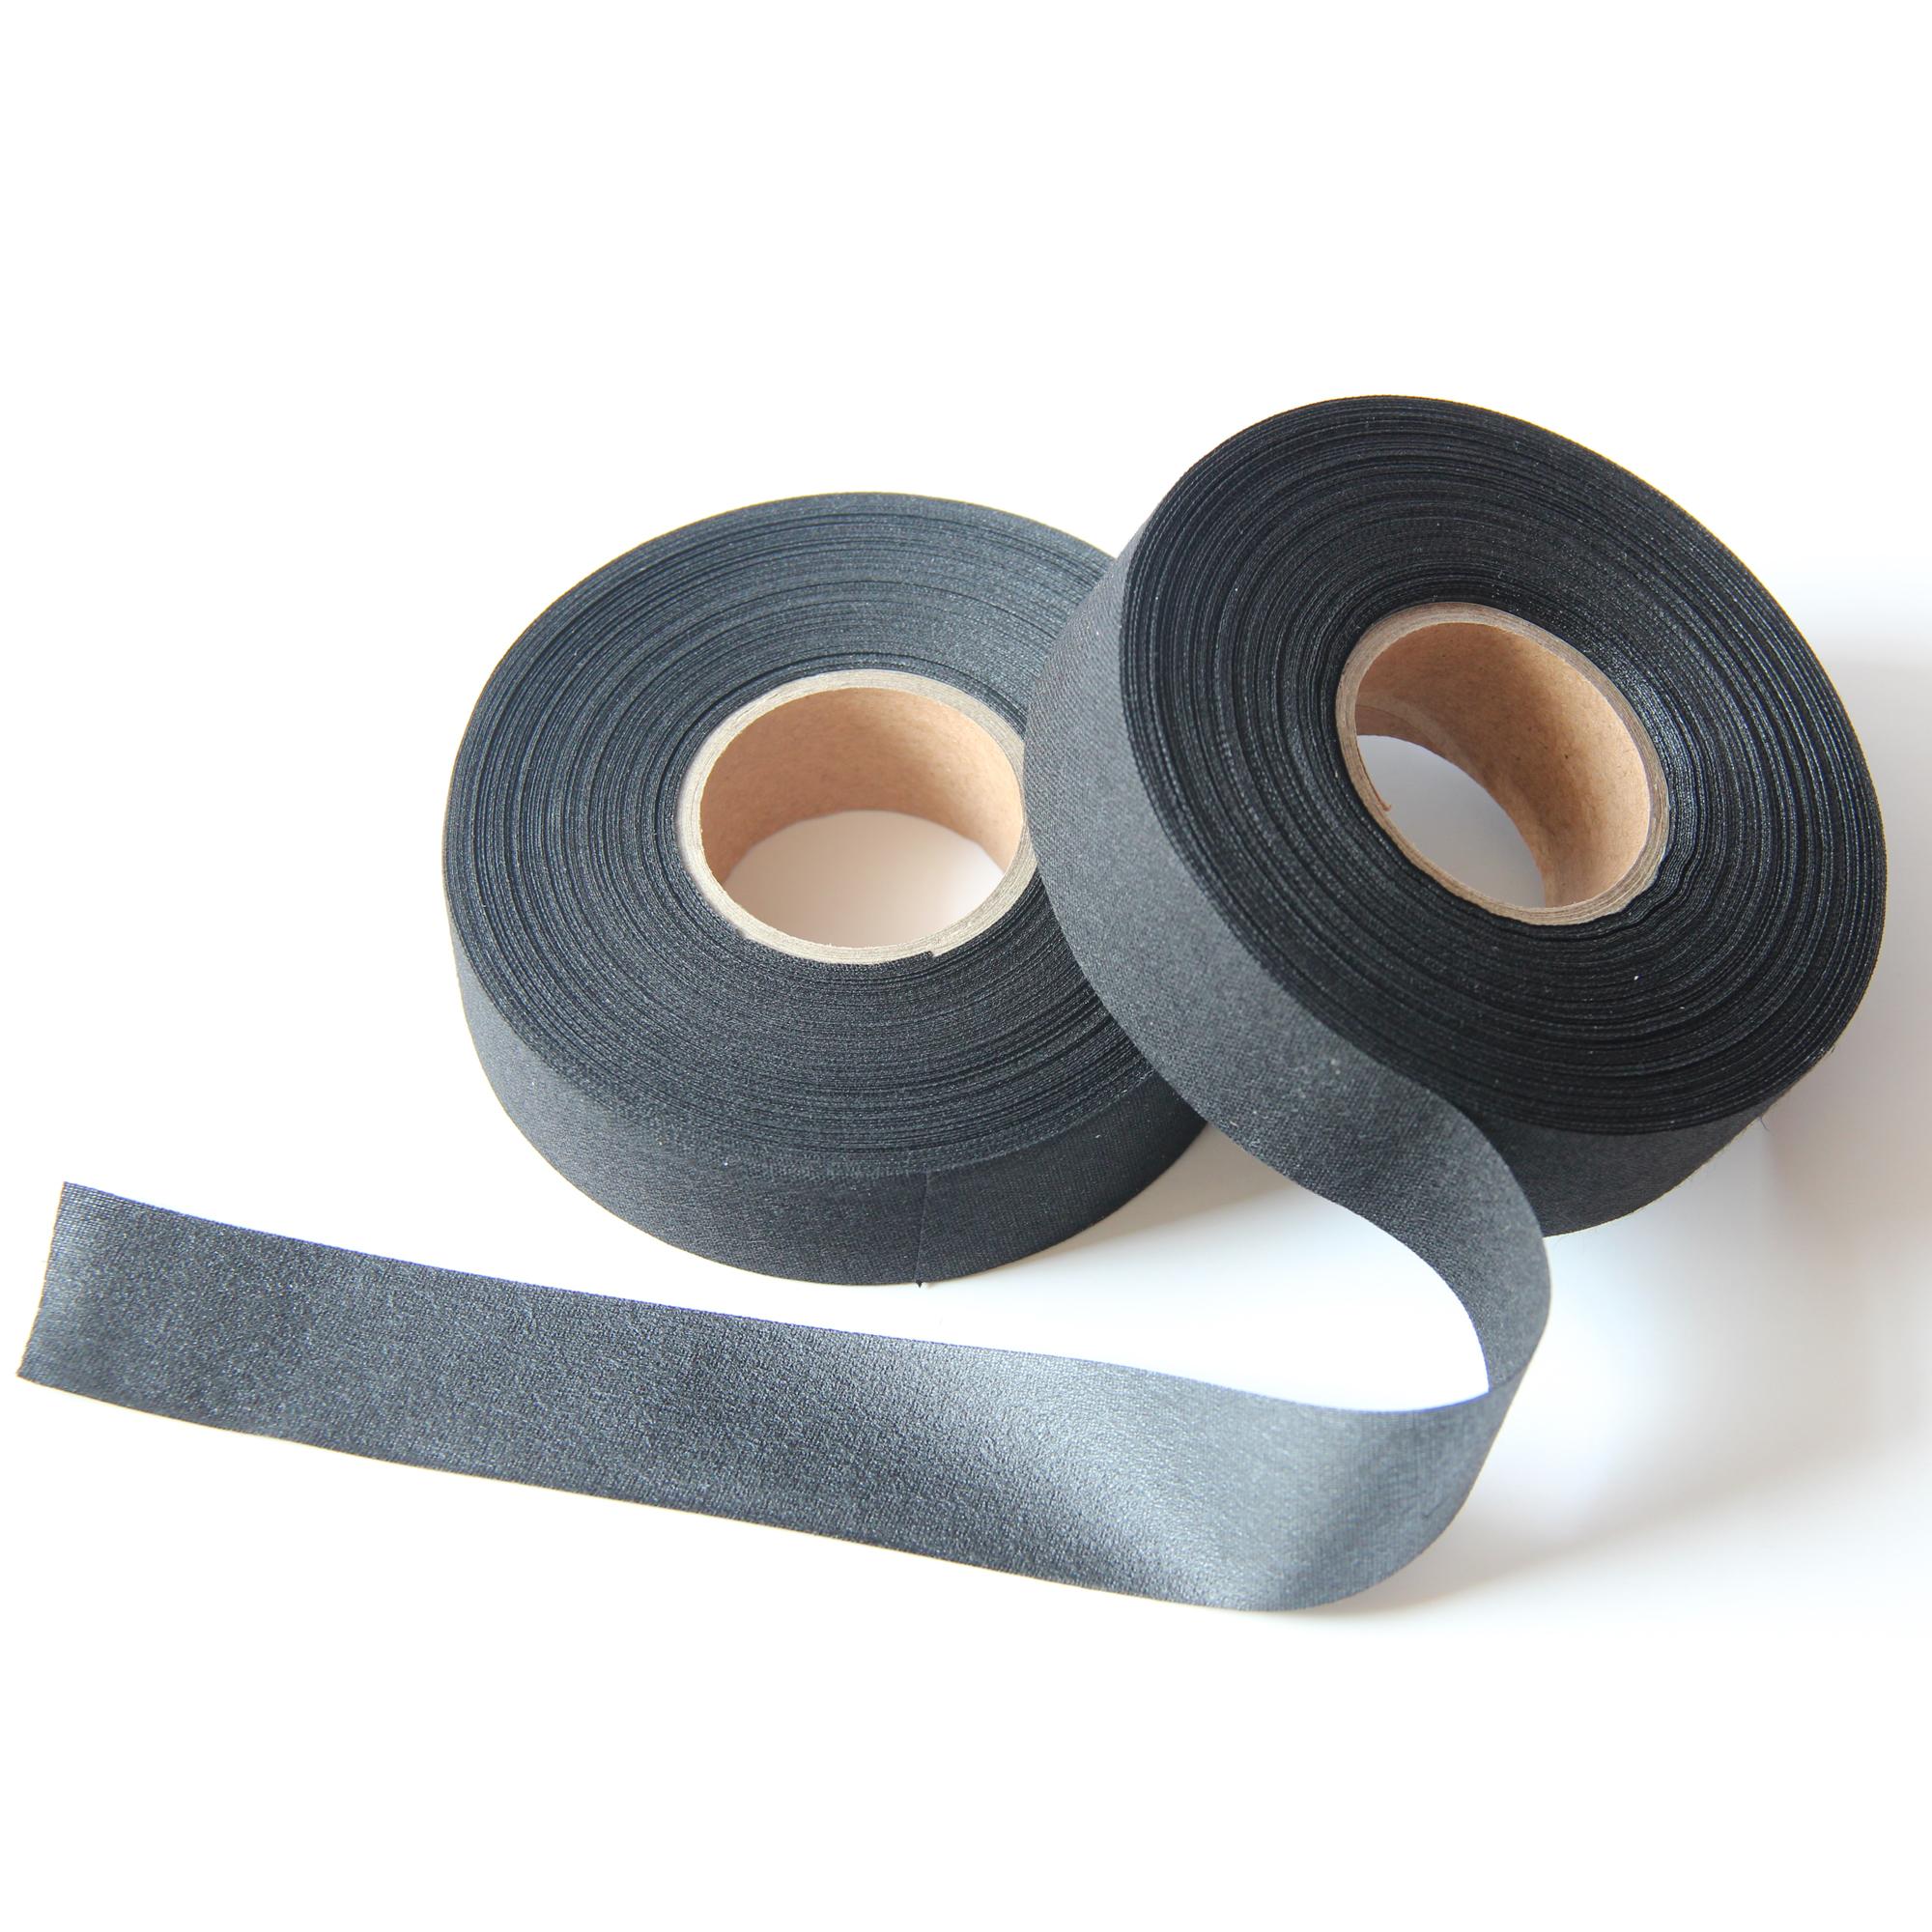 Цветная хлопковая клейкая лента для хоккея с индивидуальным принтом, сертифицированная CE, по заводской цене